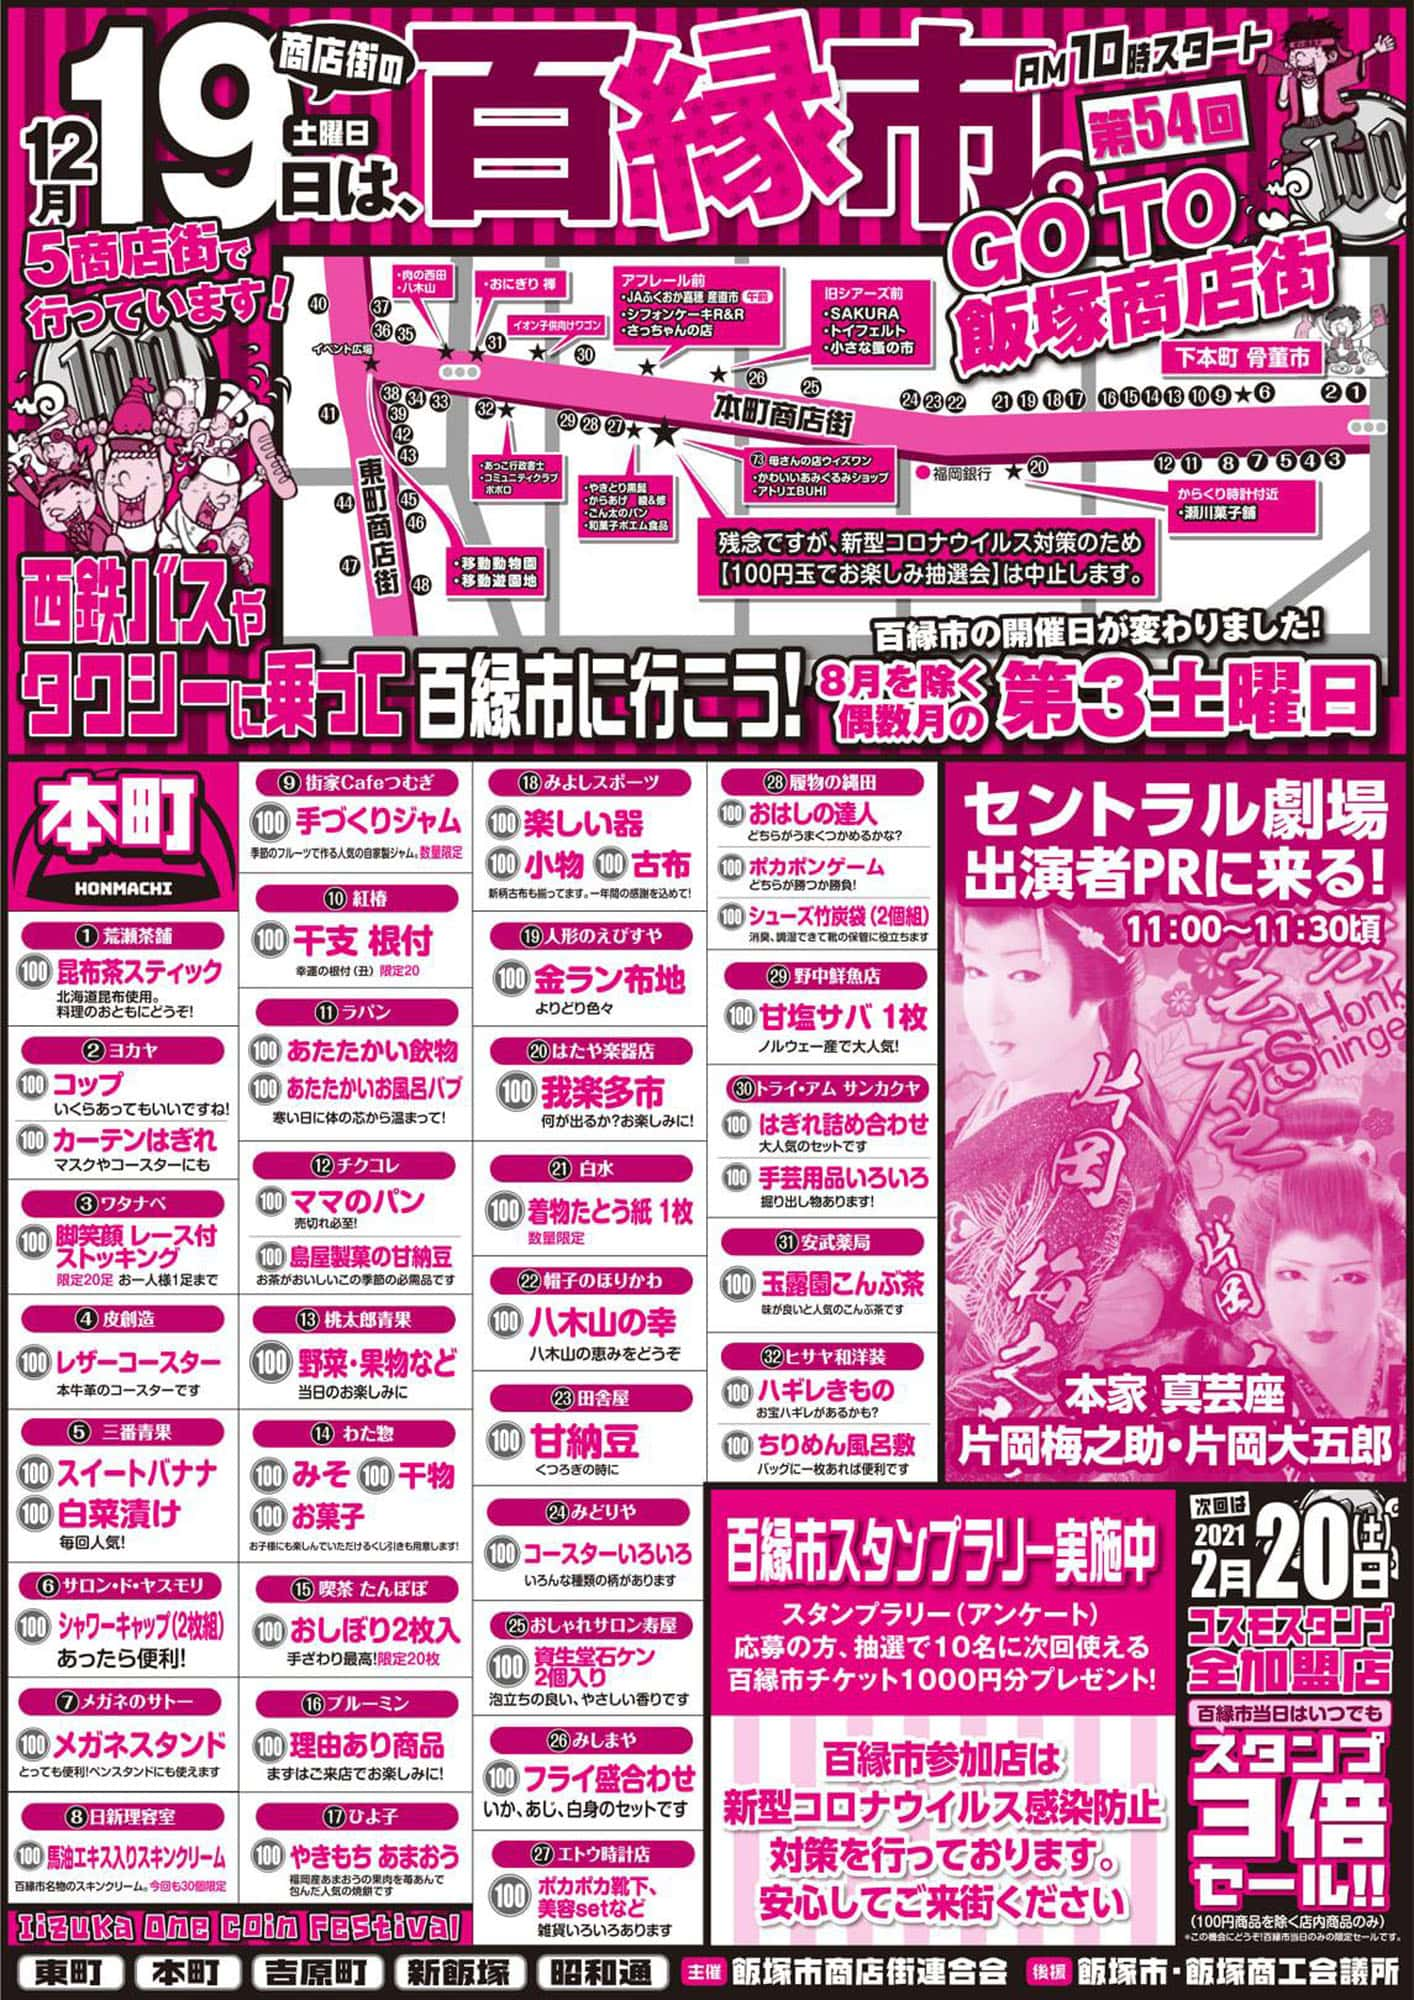 第54回 飯塚市商店街 百縁市 2020年12月